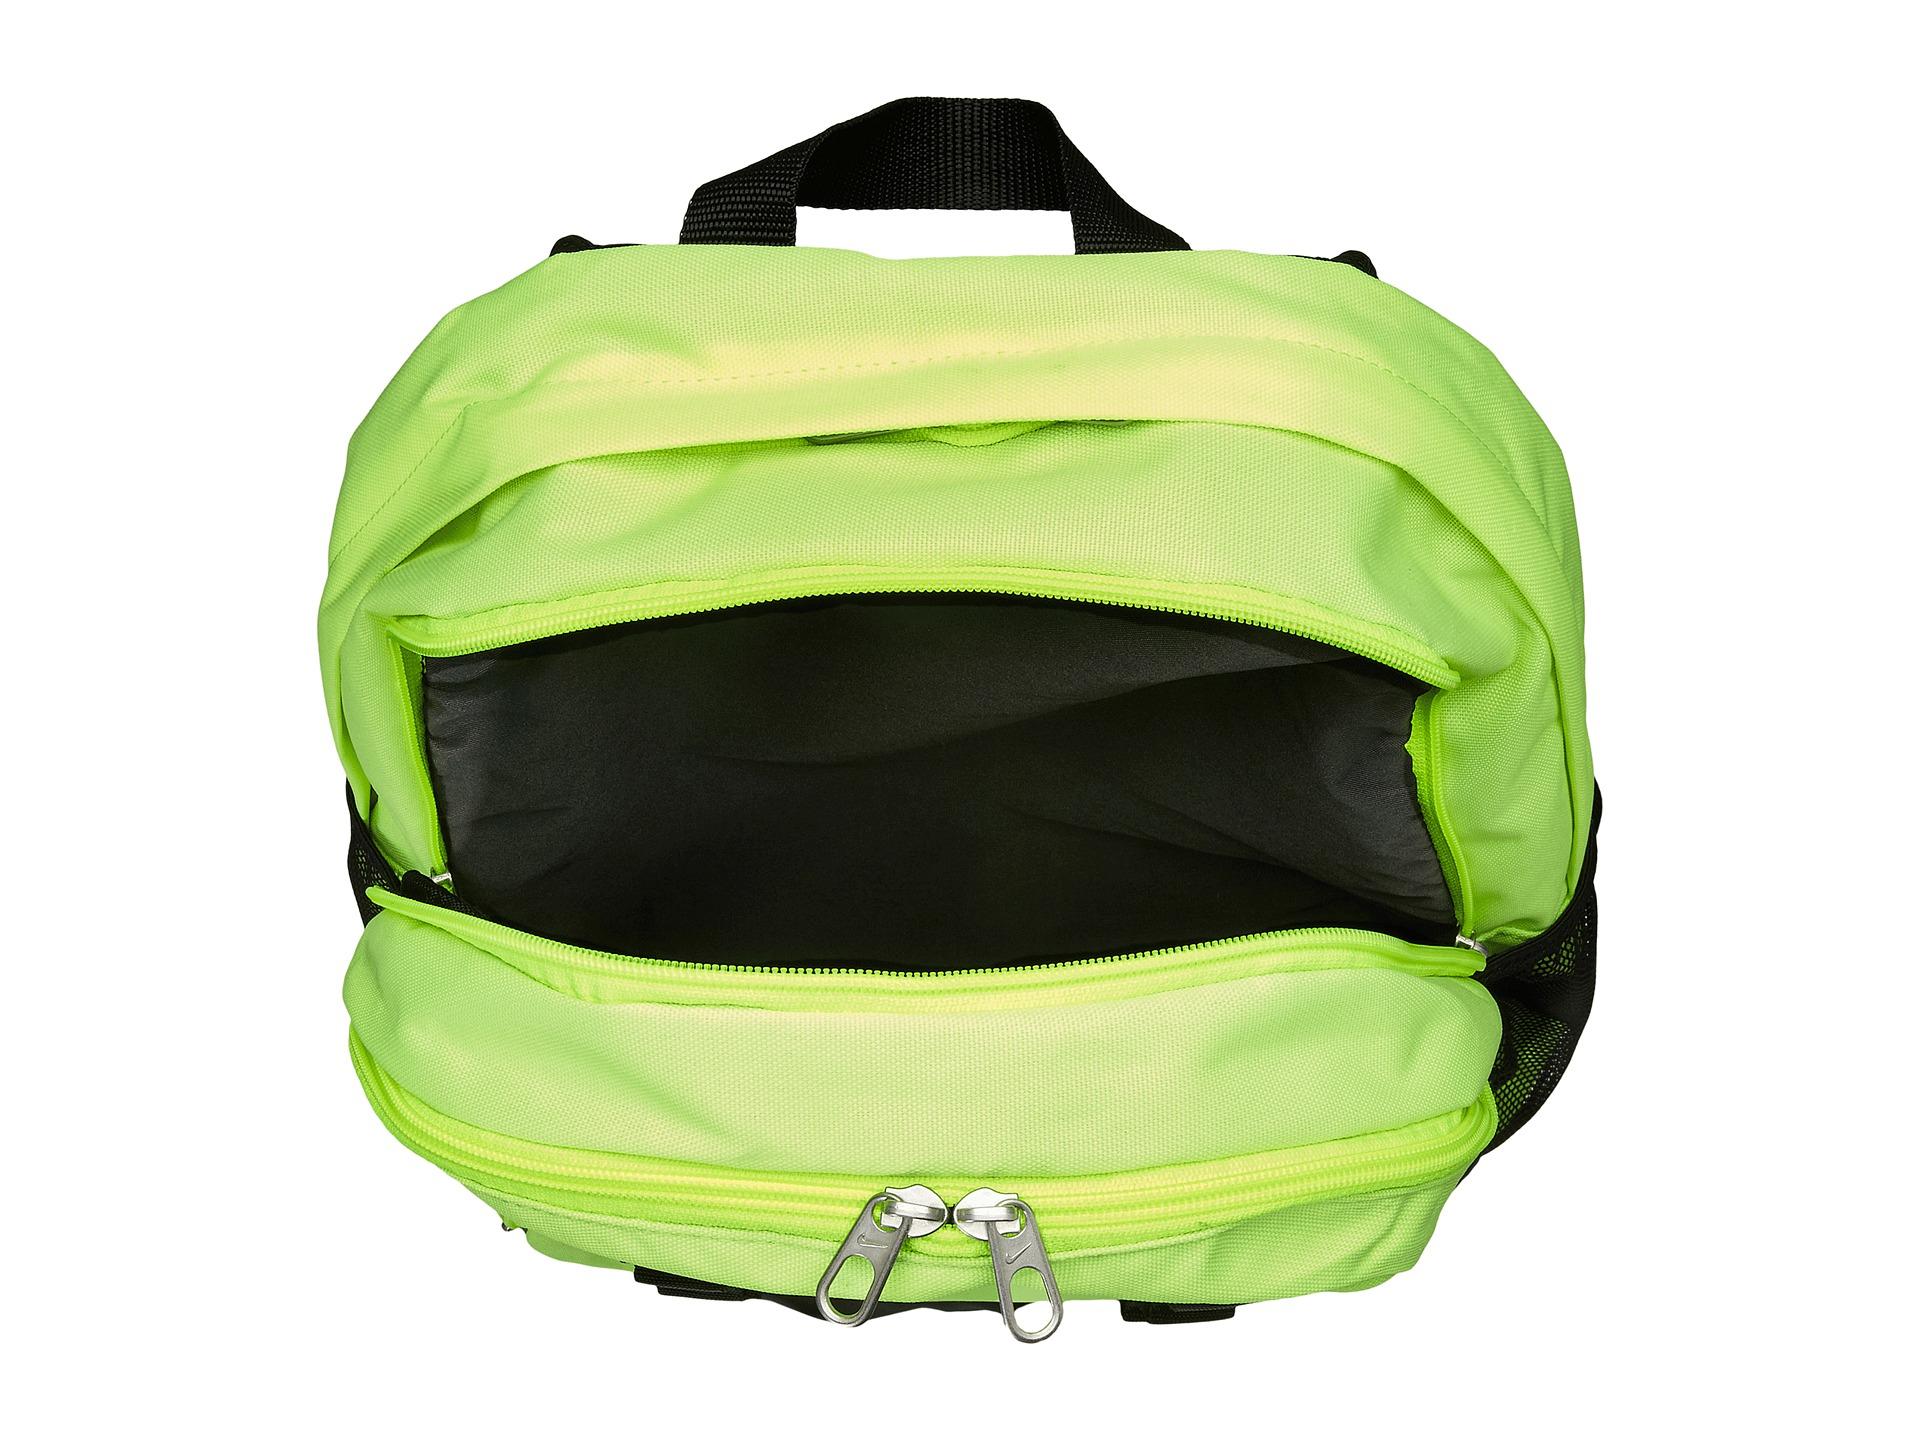 Lyst - Nike Brasilia 7 Backpack Xl in Green b5153dcfa0137